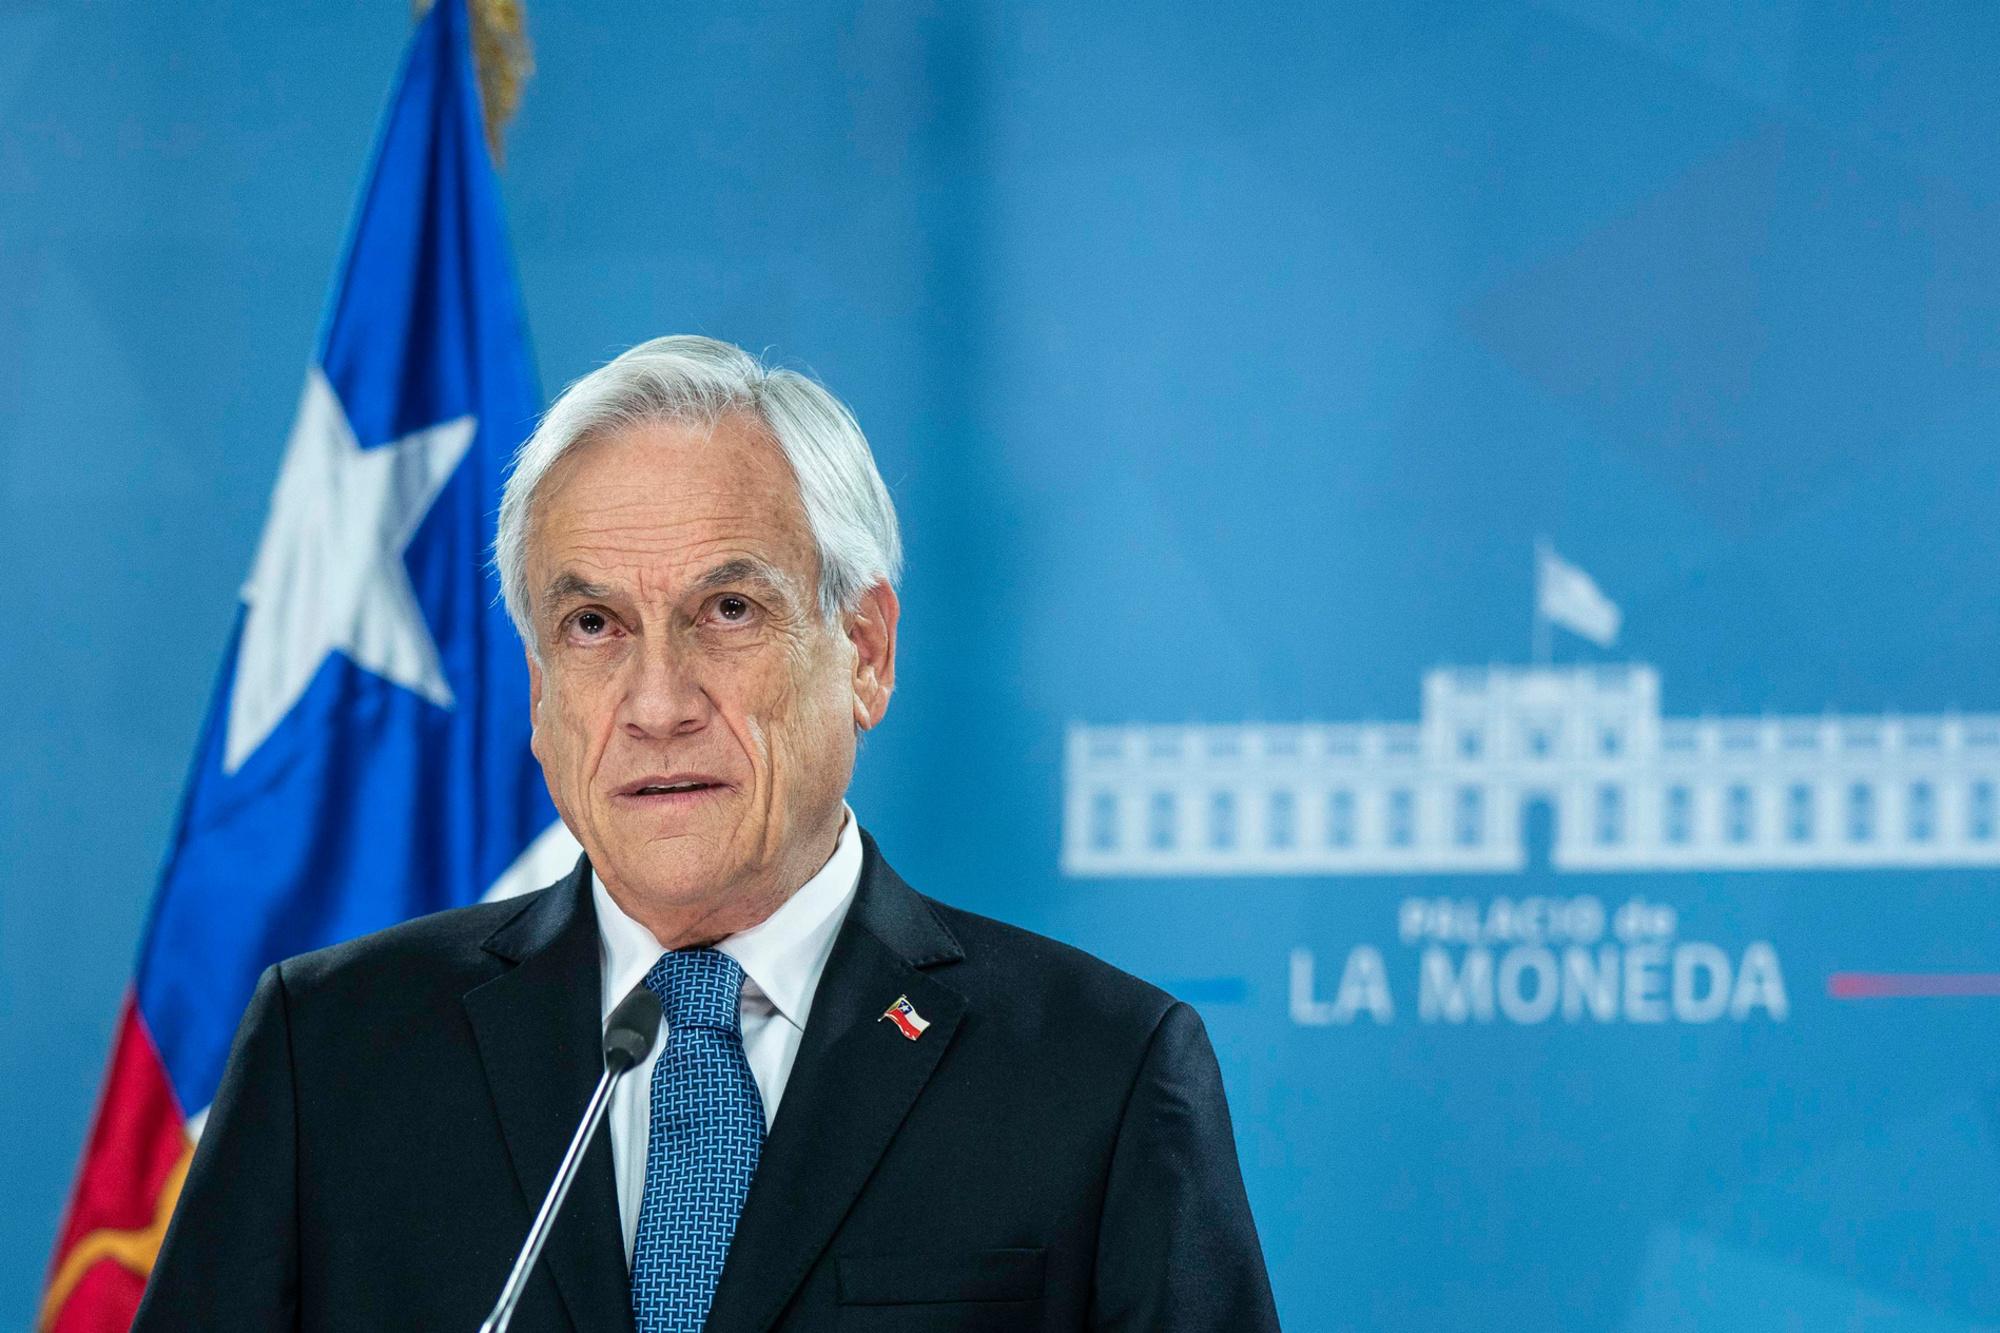 Sebastian Piñera, BELGA IMAGE